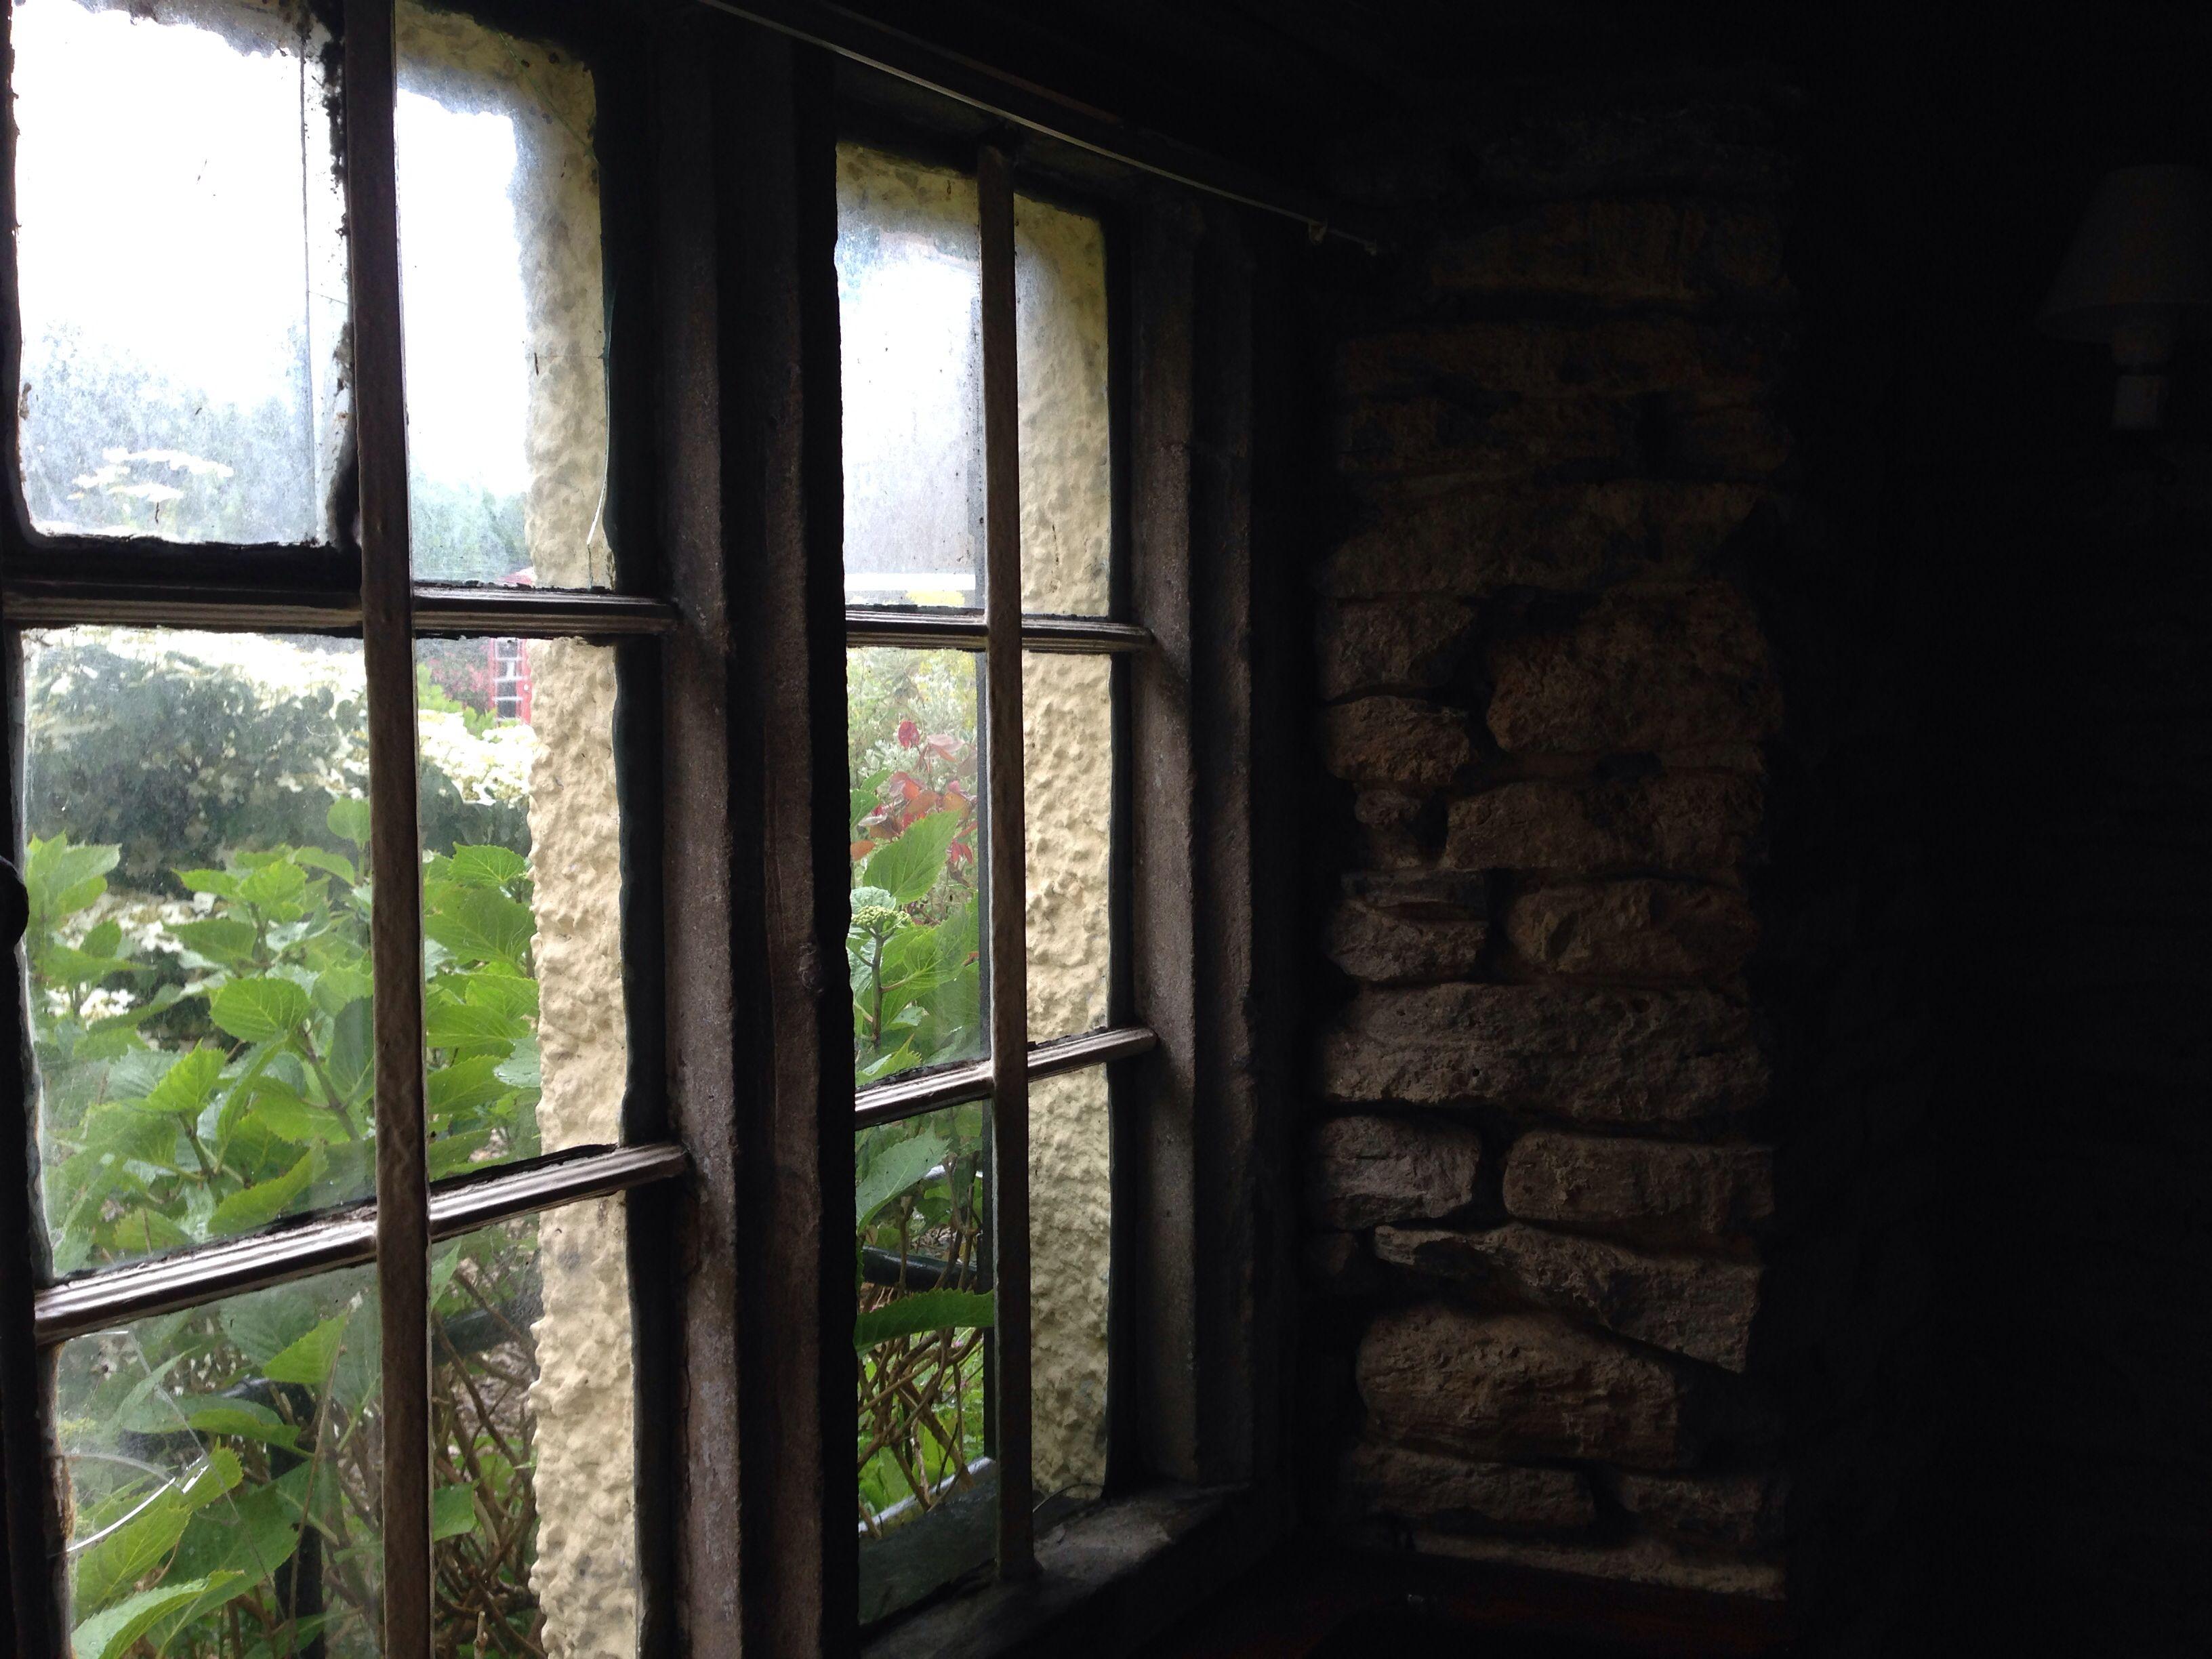 Mullein windows